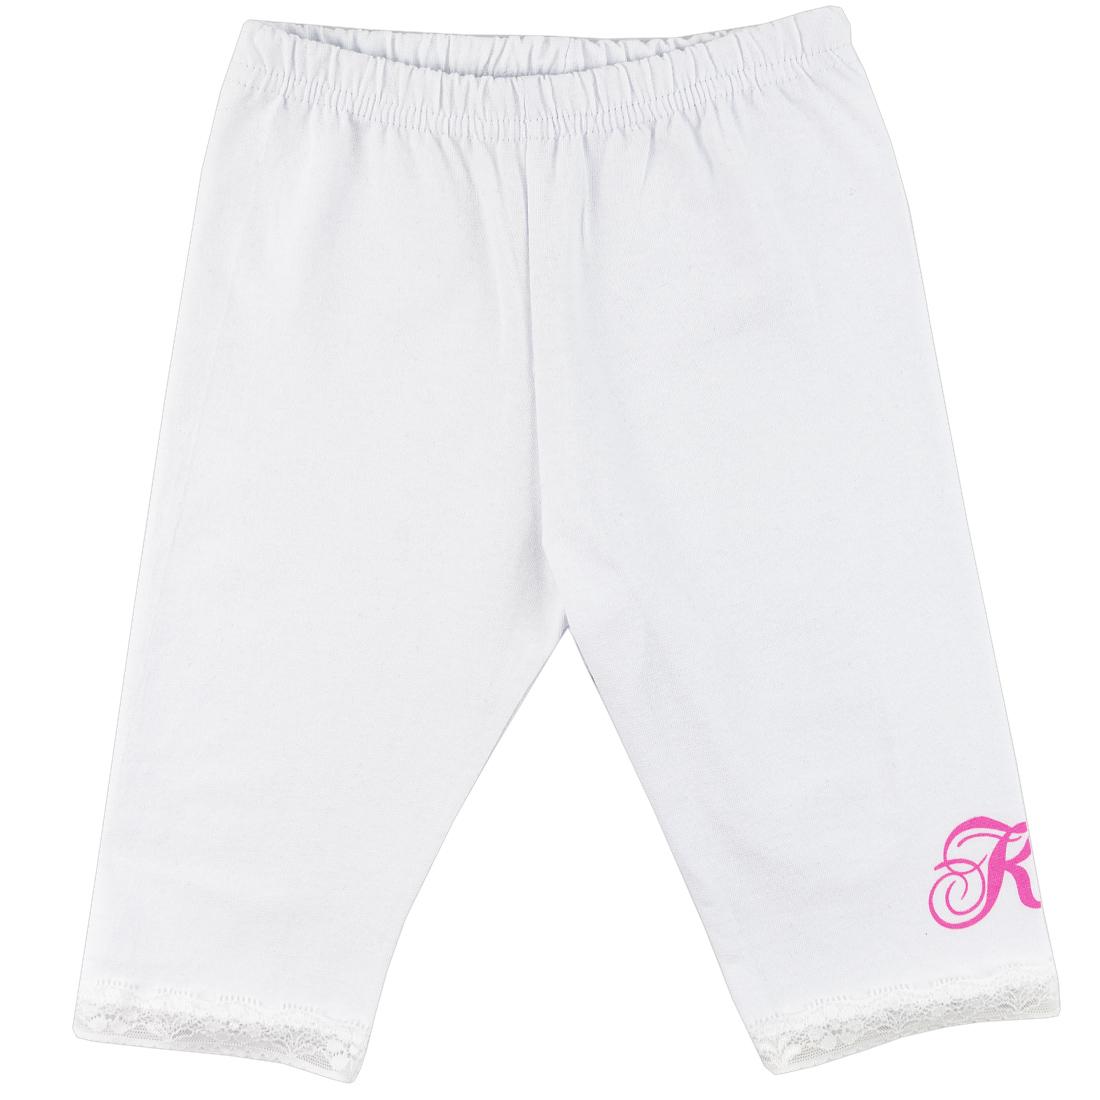 Купить 1015к ап, Шорты детские Юлла, цв. белый р. 92, Шорты и брюки для новорожденных